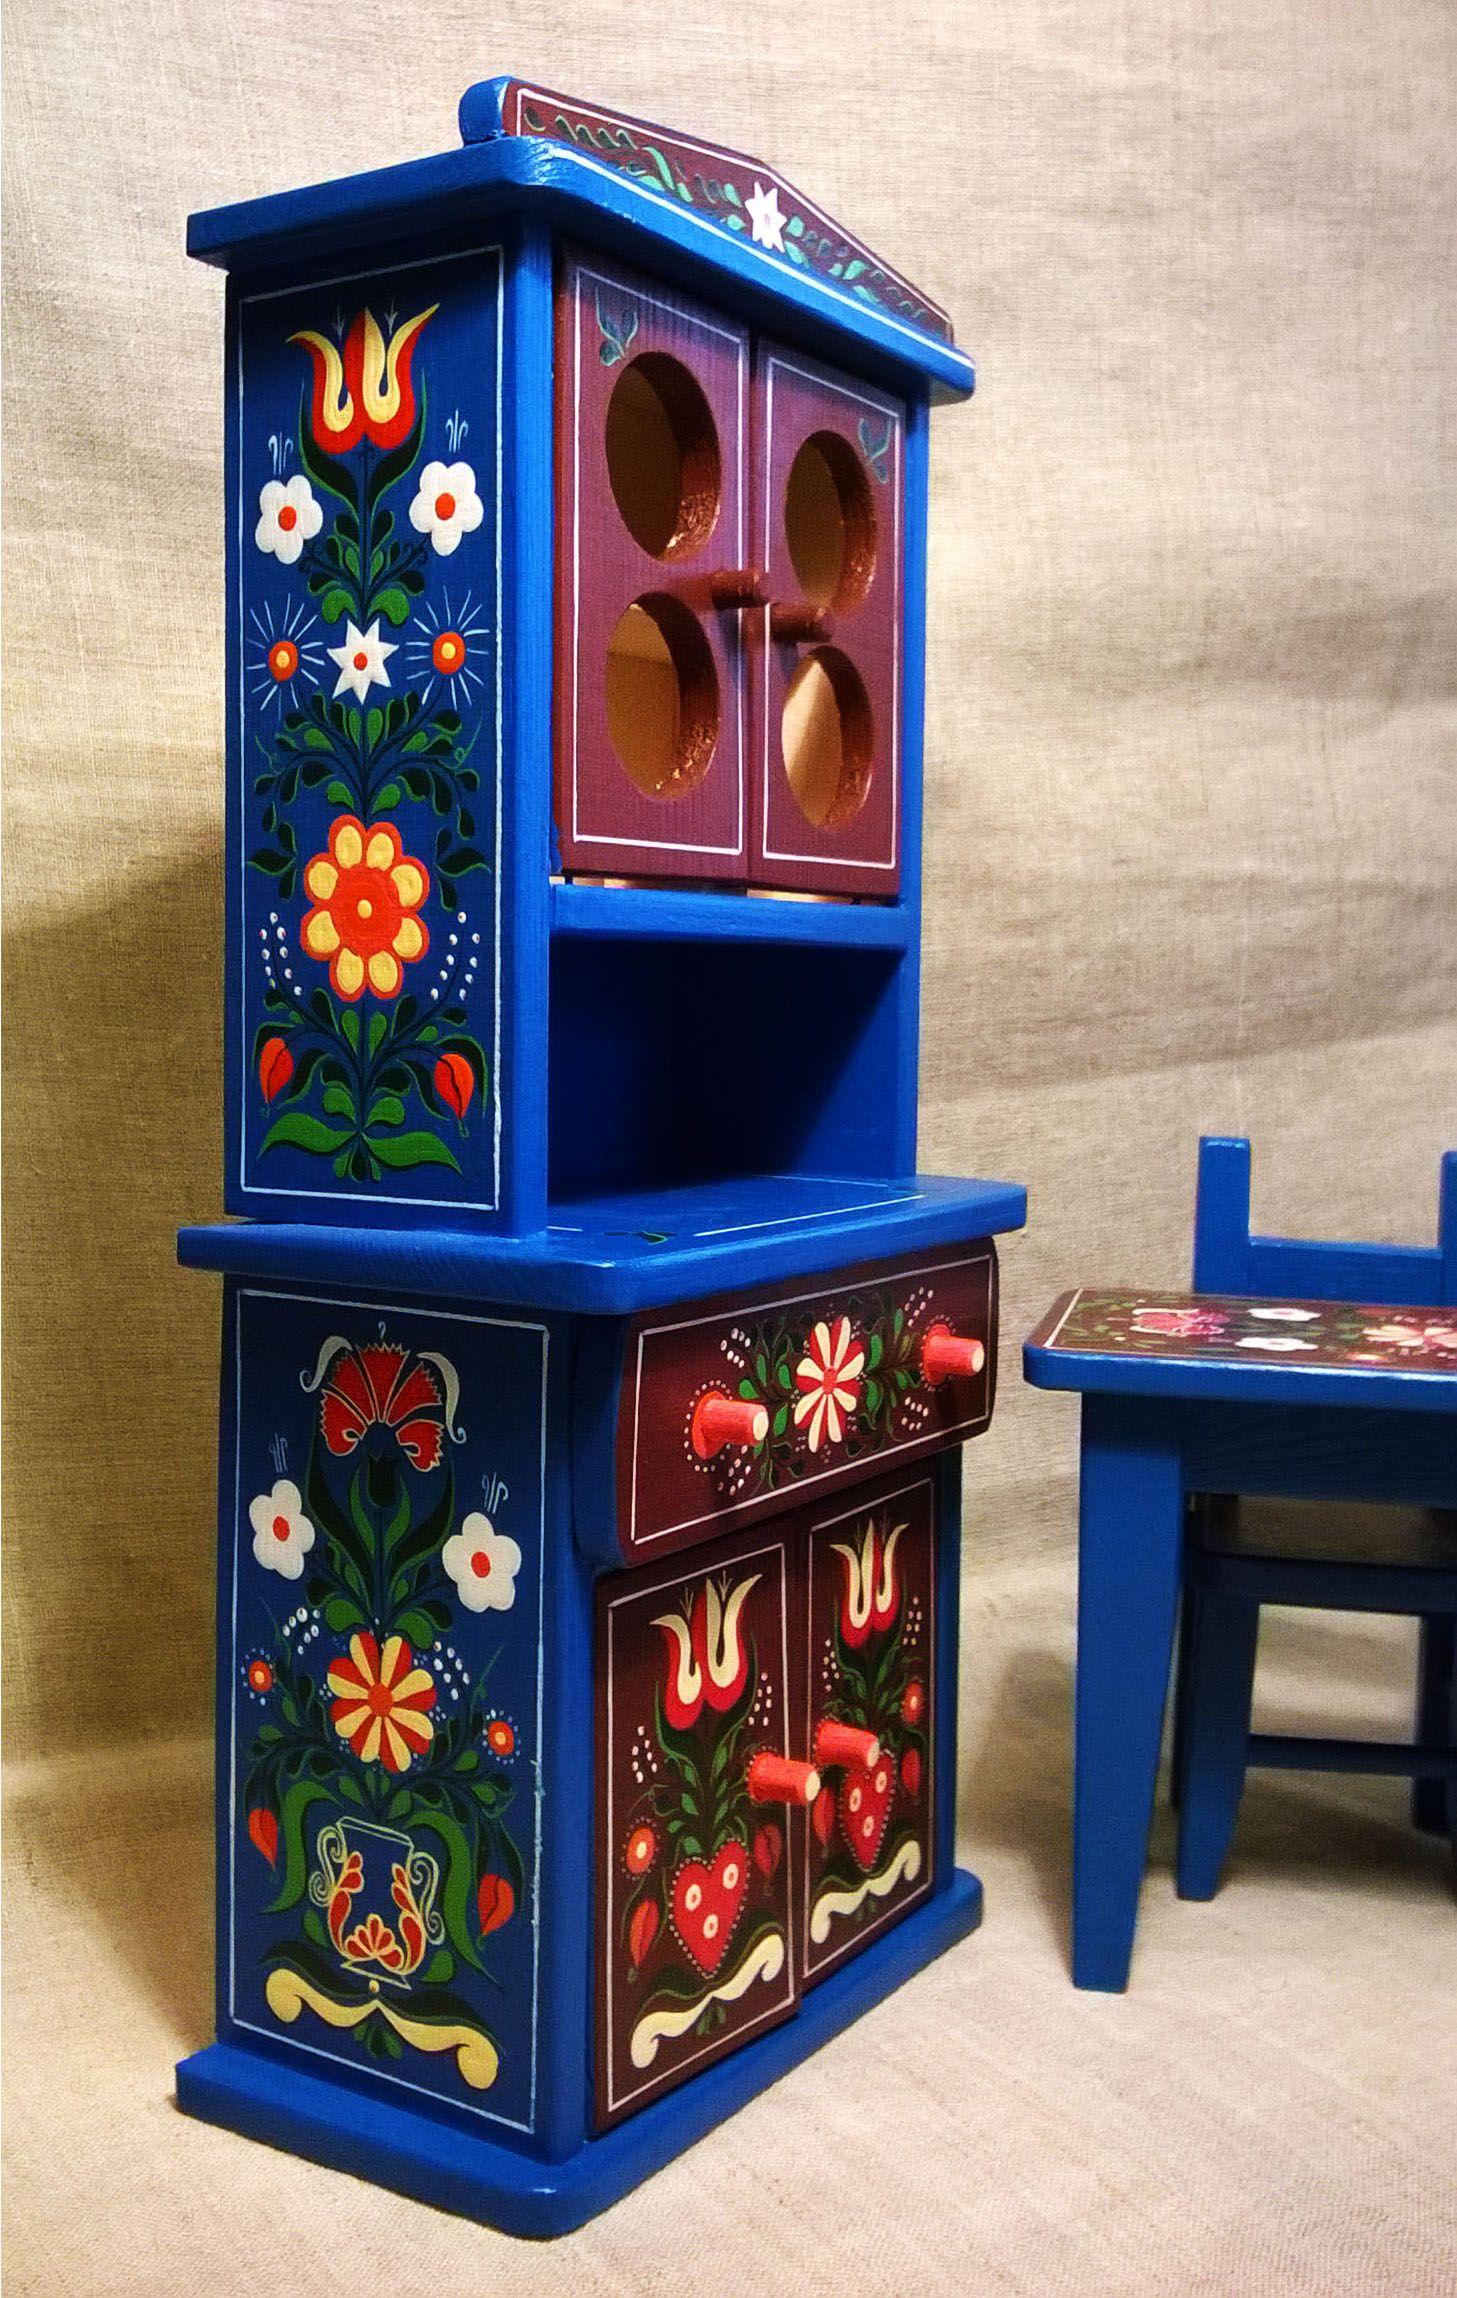 Mini festett gyerek játék bútor (Konyhai) Mini mobilier pictat ...